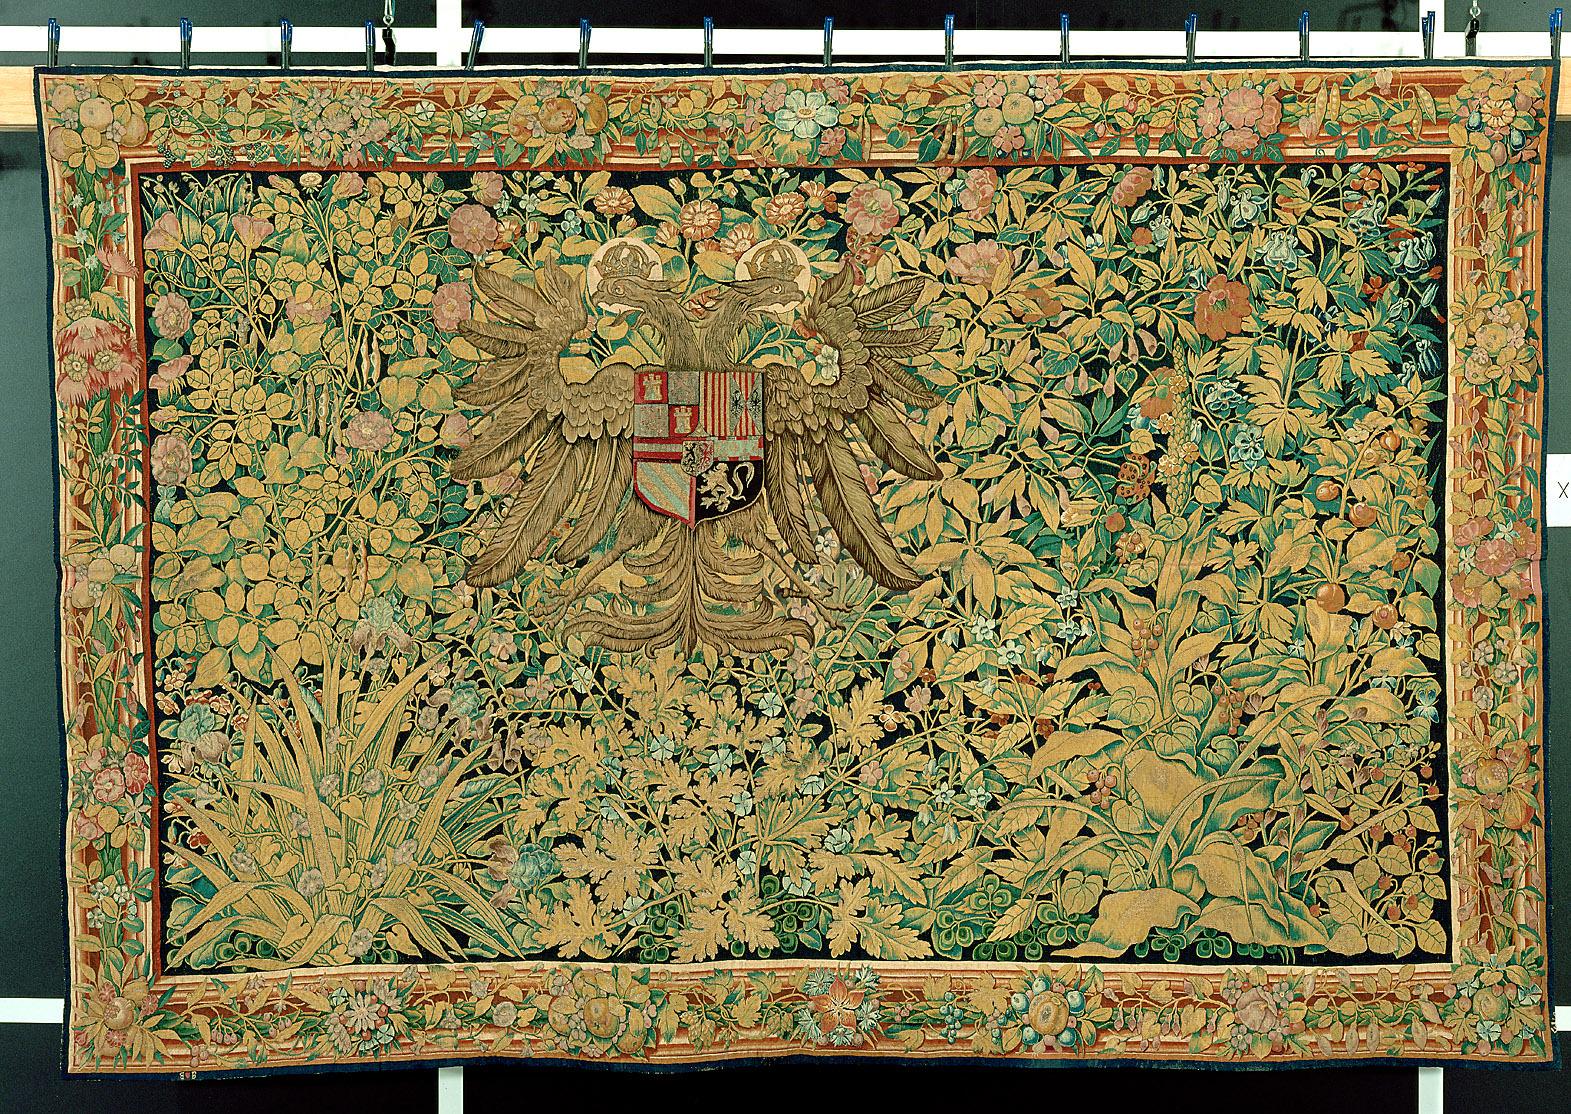 Der gekrönte kaiserlich römische Doppeladler in einer Verdüre